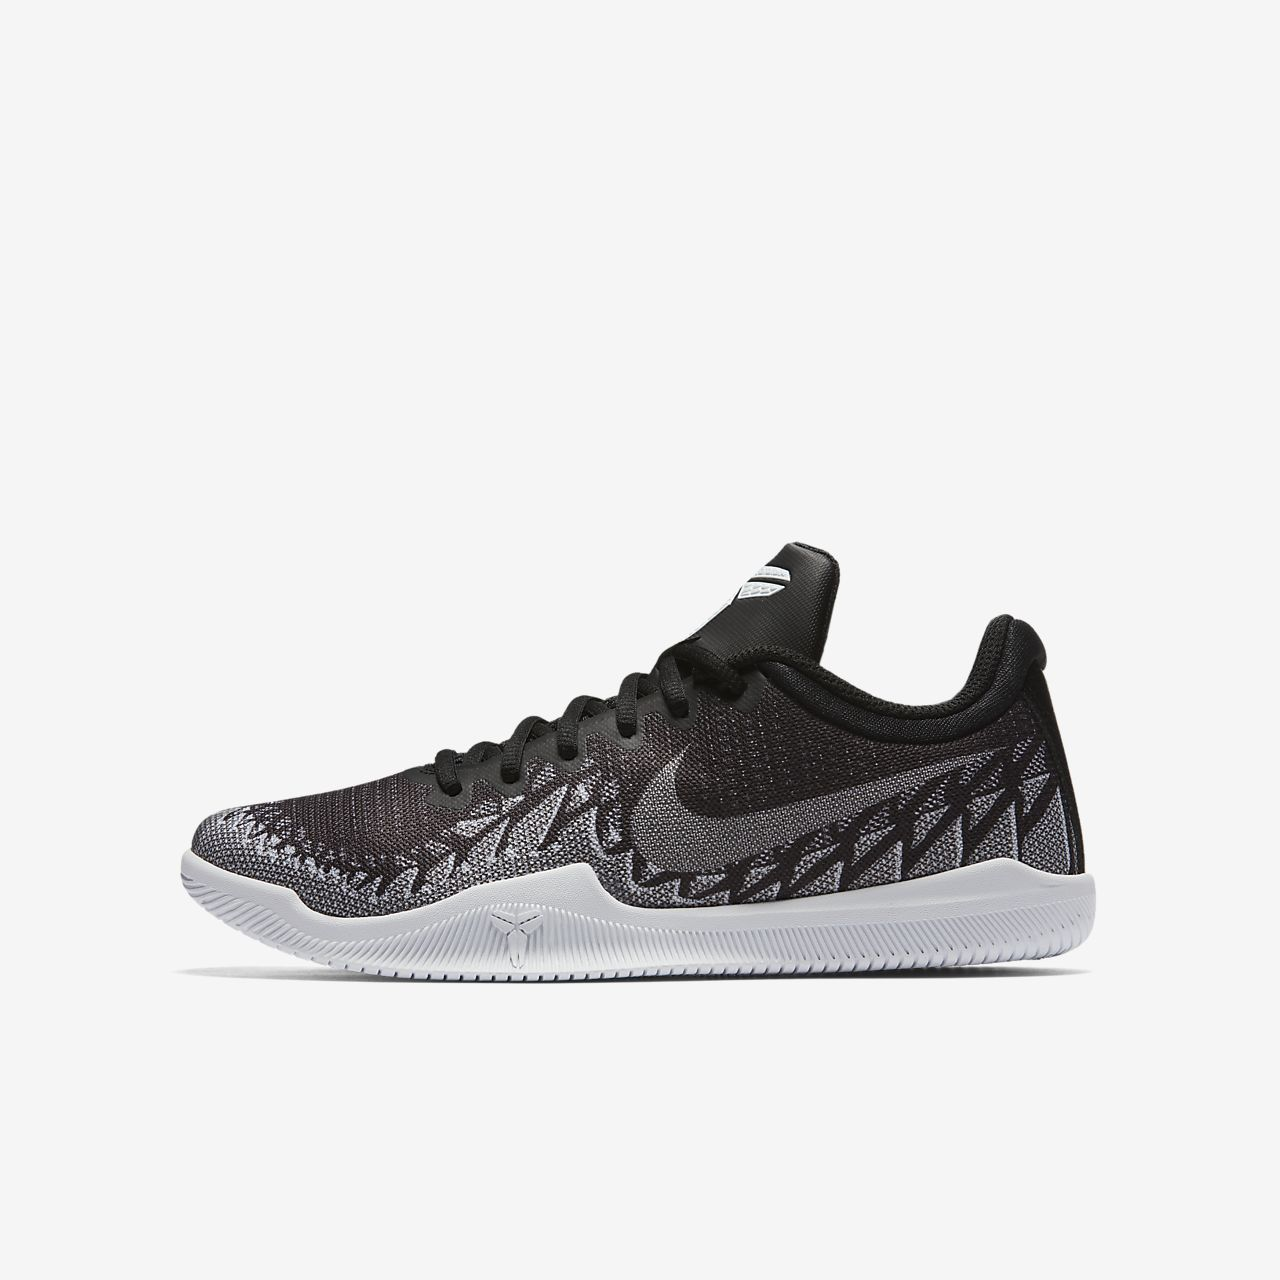 ... Nike Mamba Rage Big Kids' Basketball Shoe